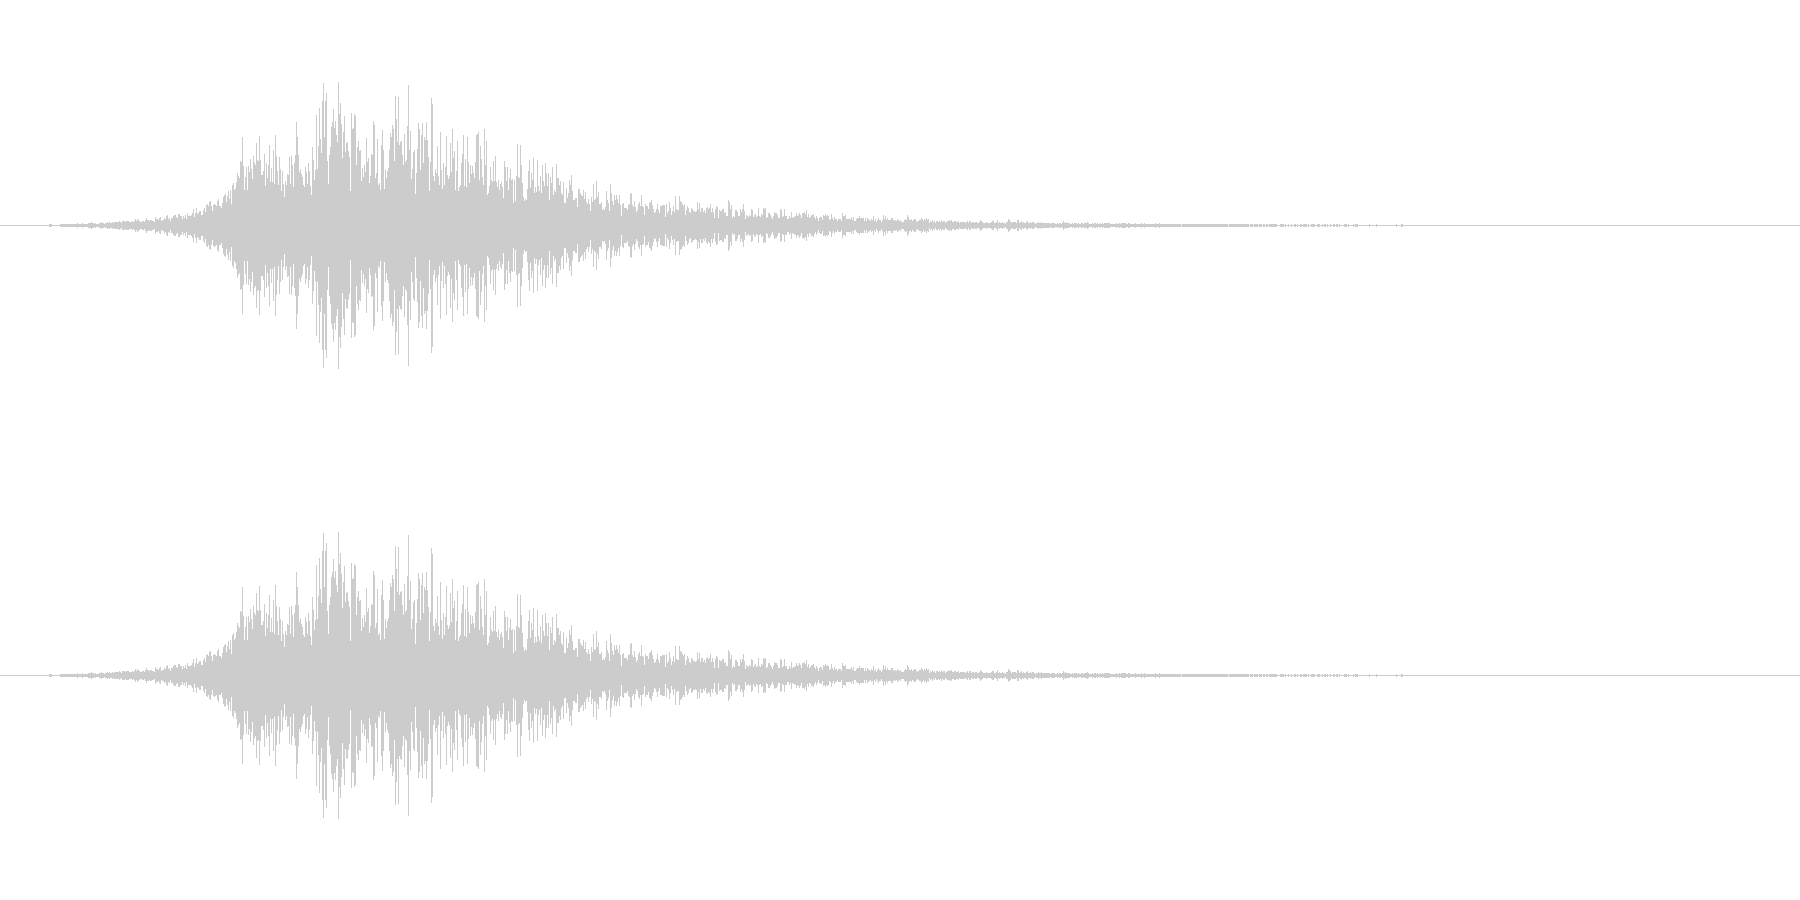 シューッという音EC02_59_2の未再生の波形